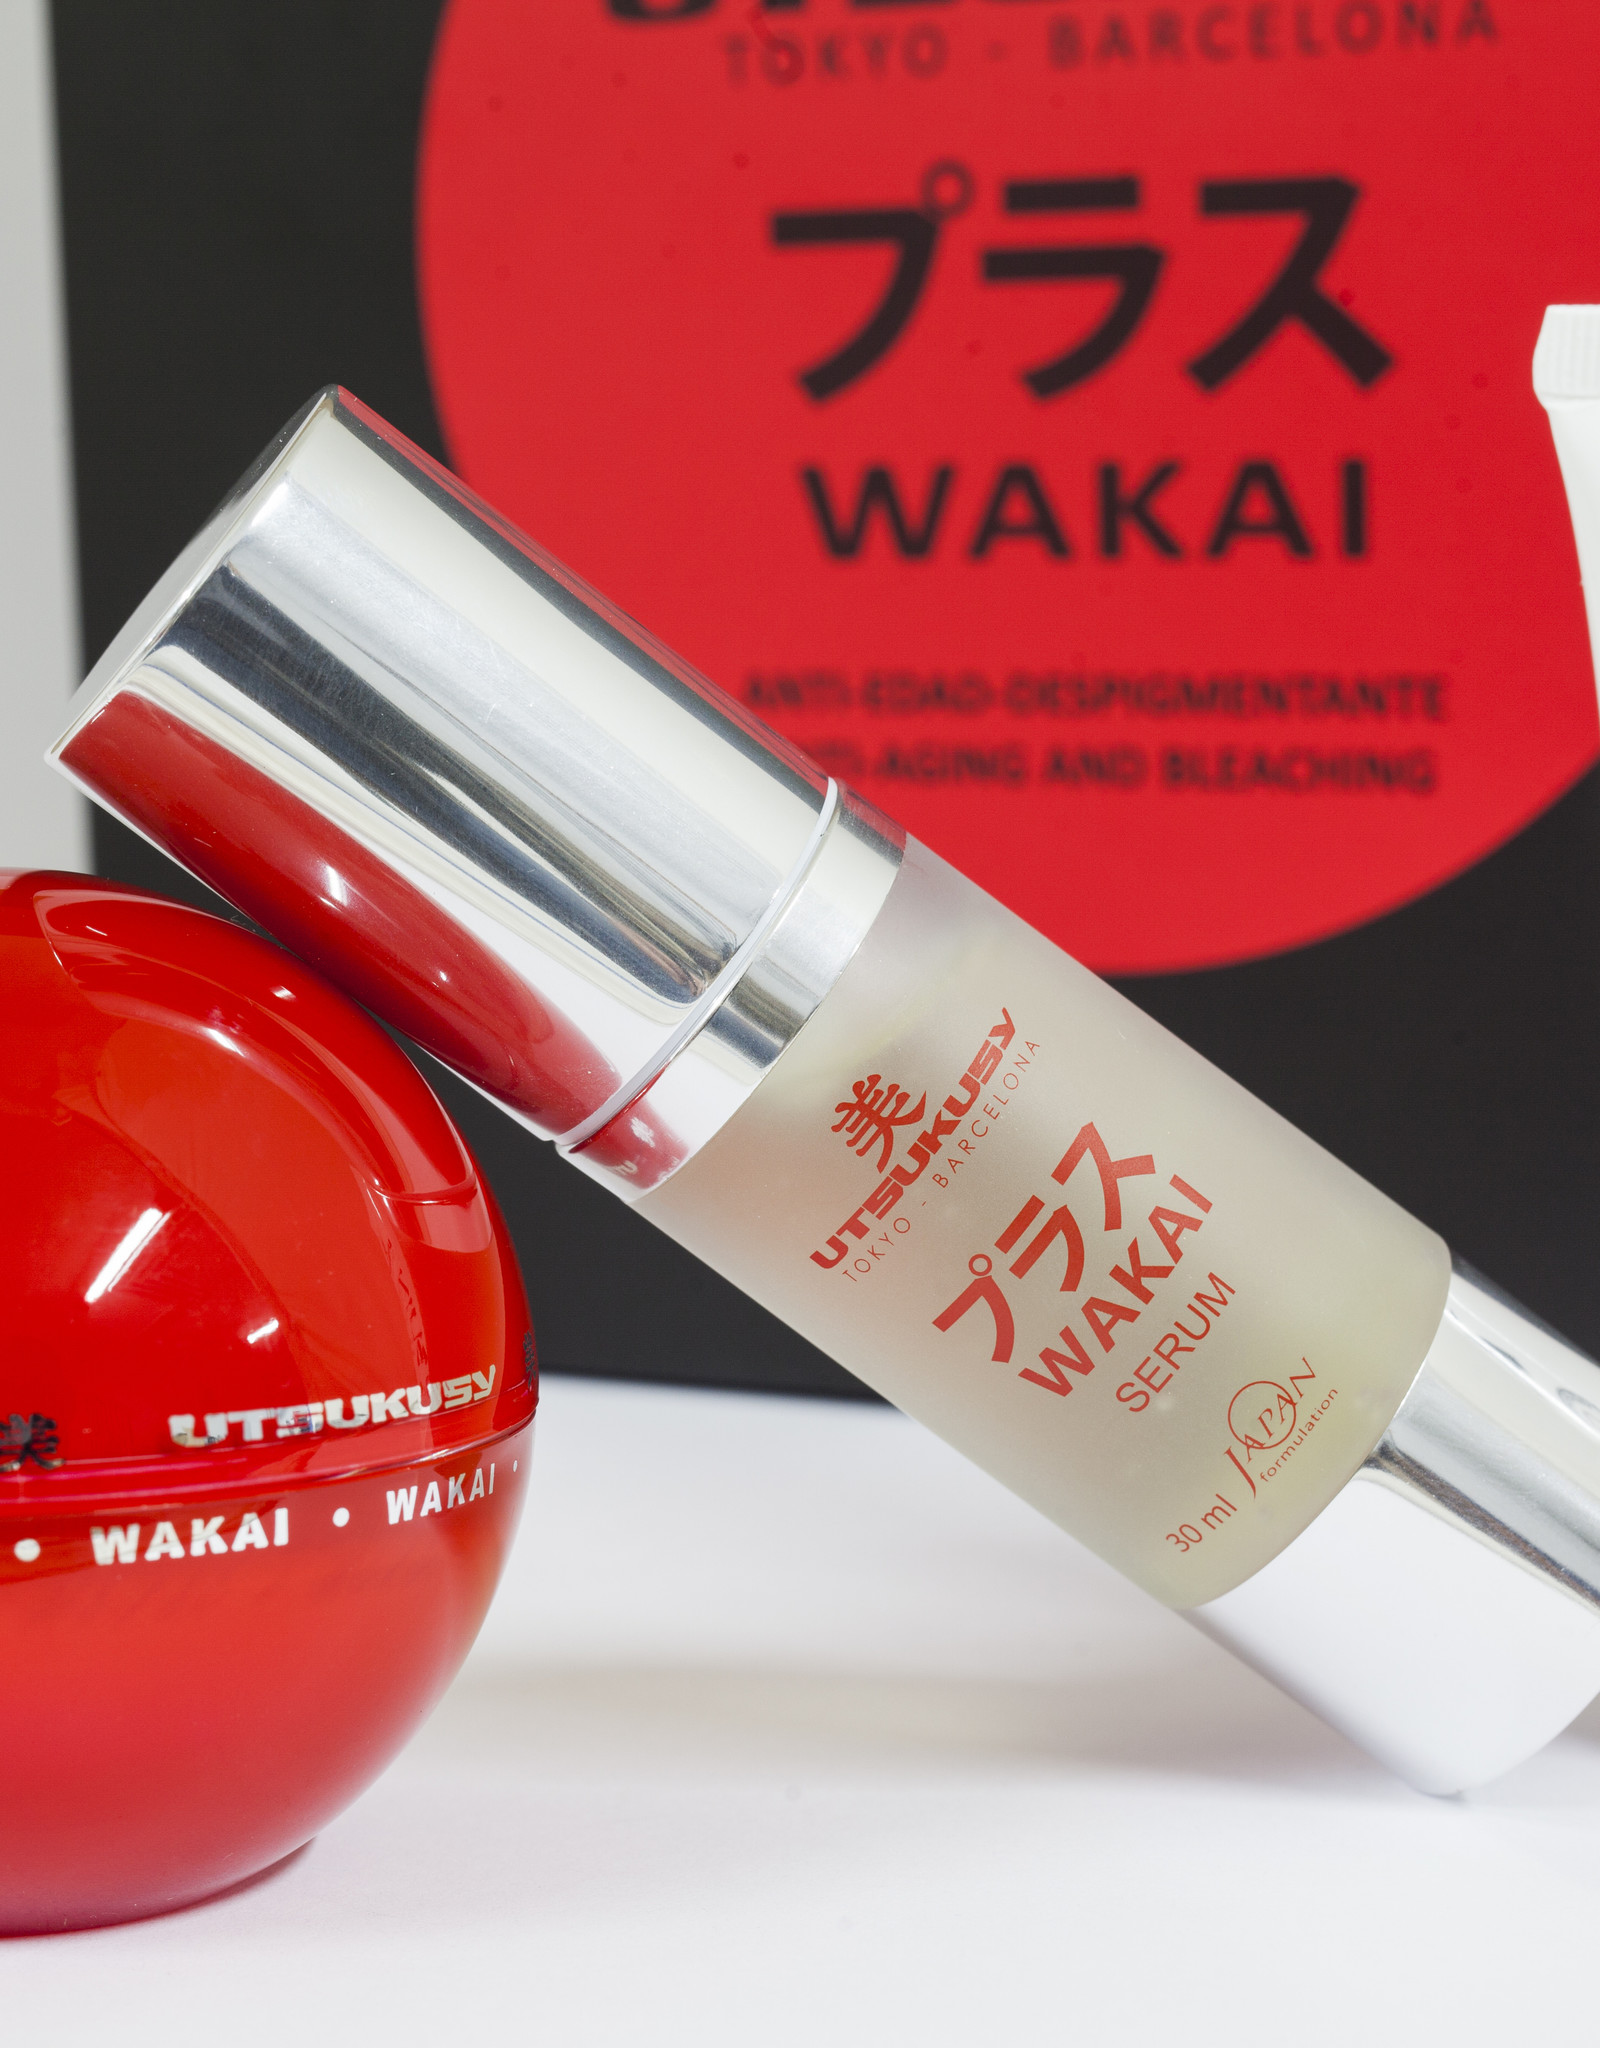 Utsukusy Wakai home care kit